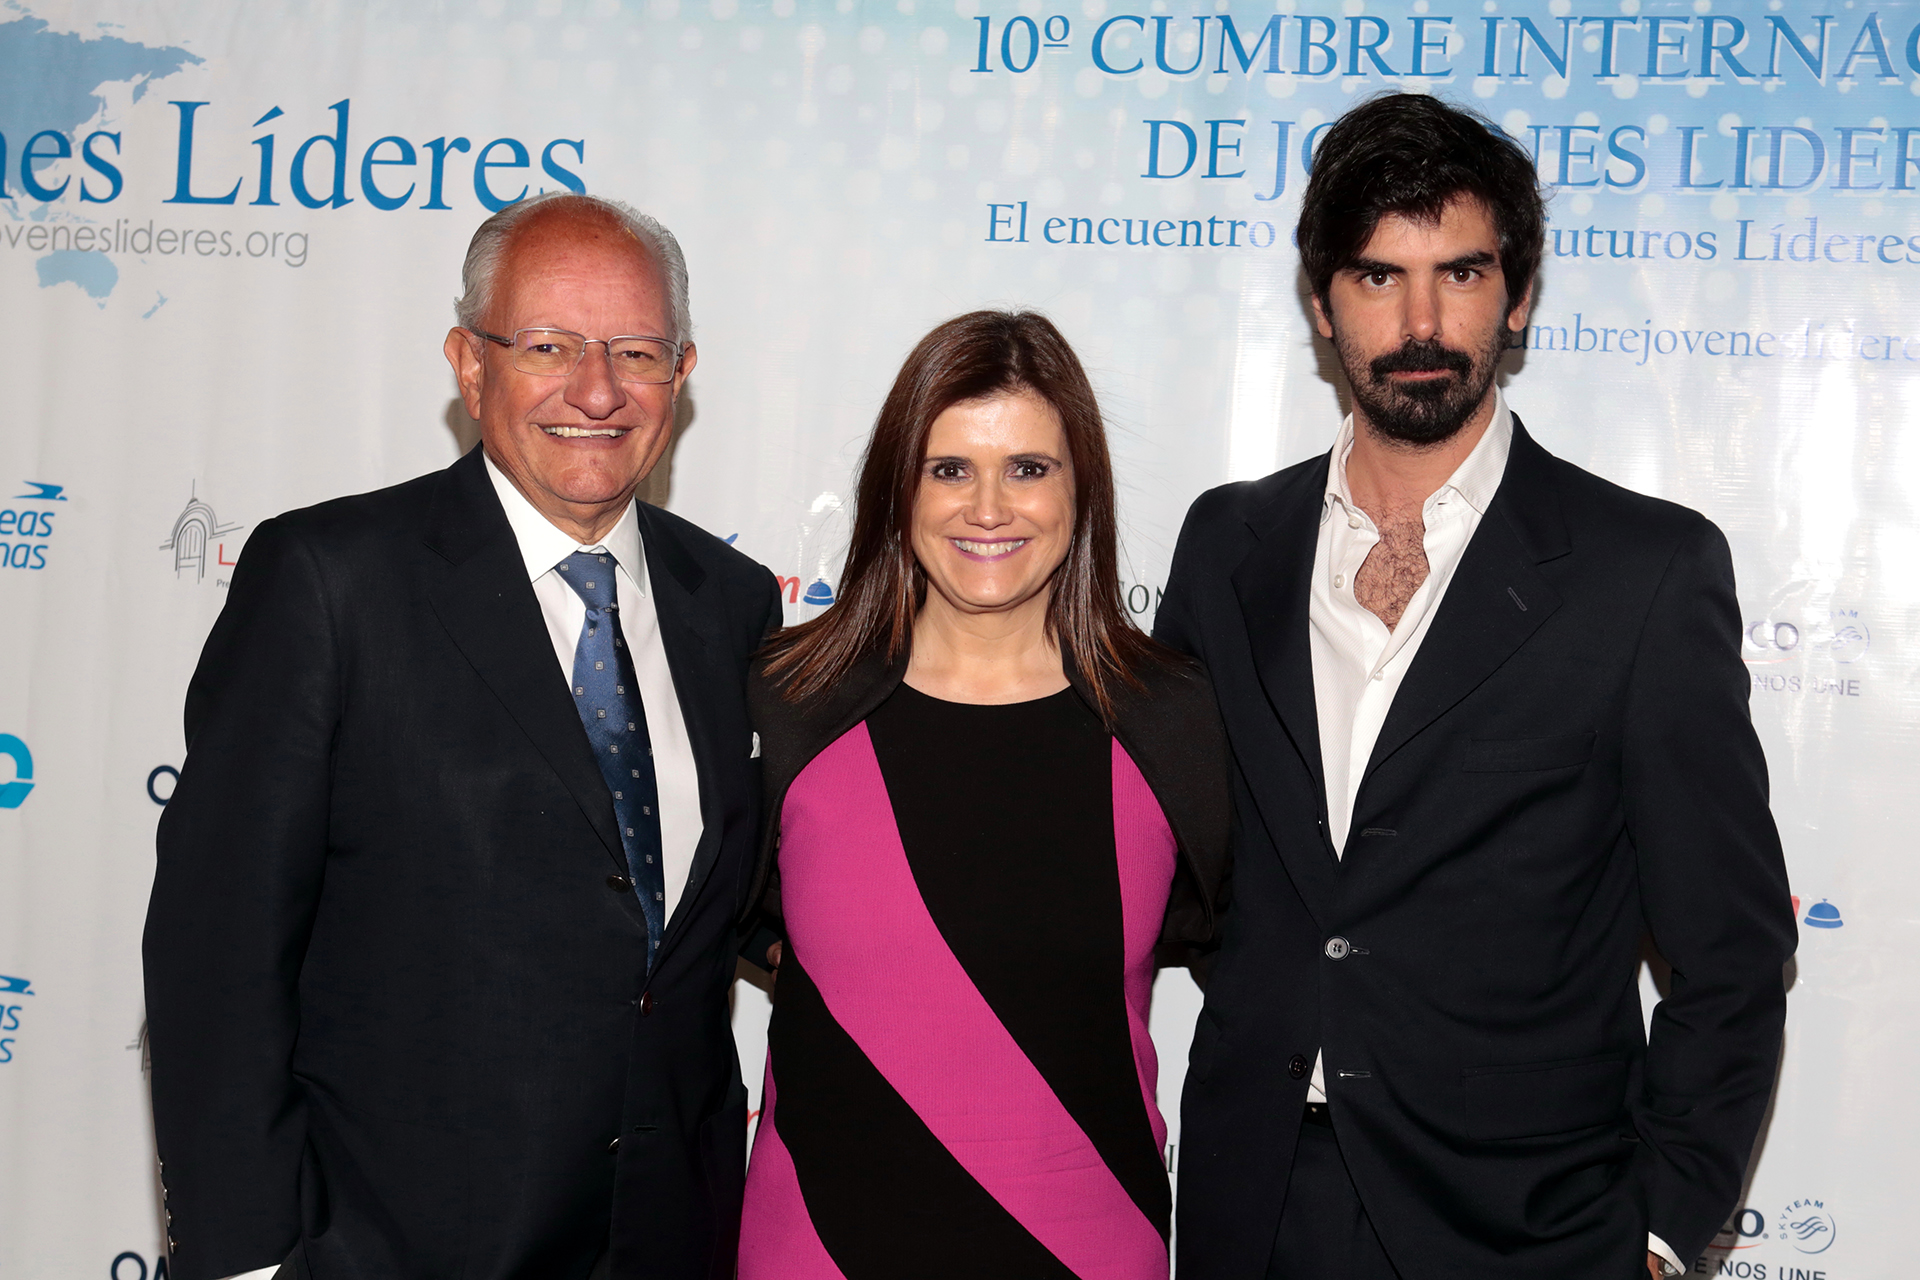 Pilar Sordo, Abel Albino, Lea Viotto